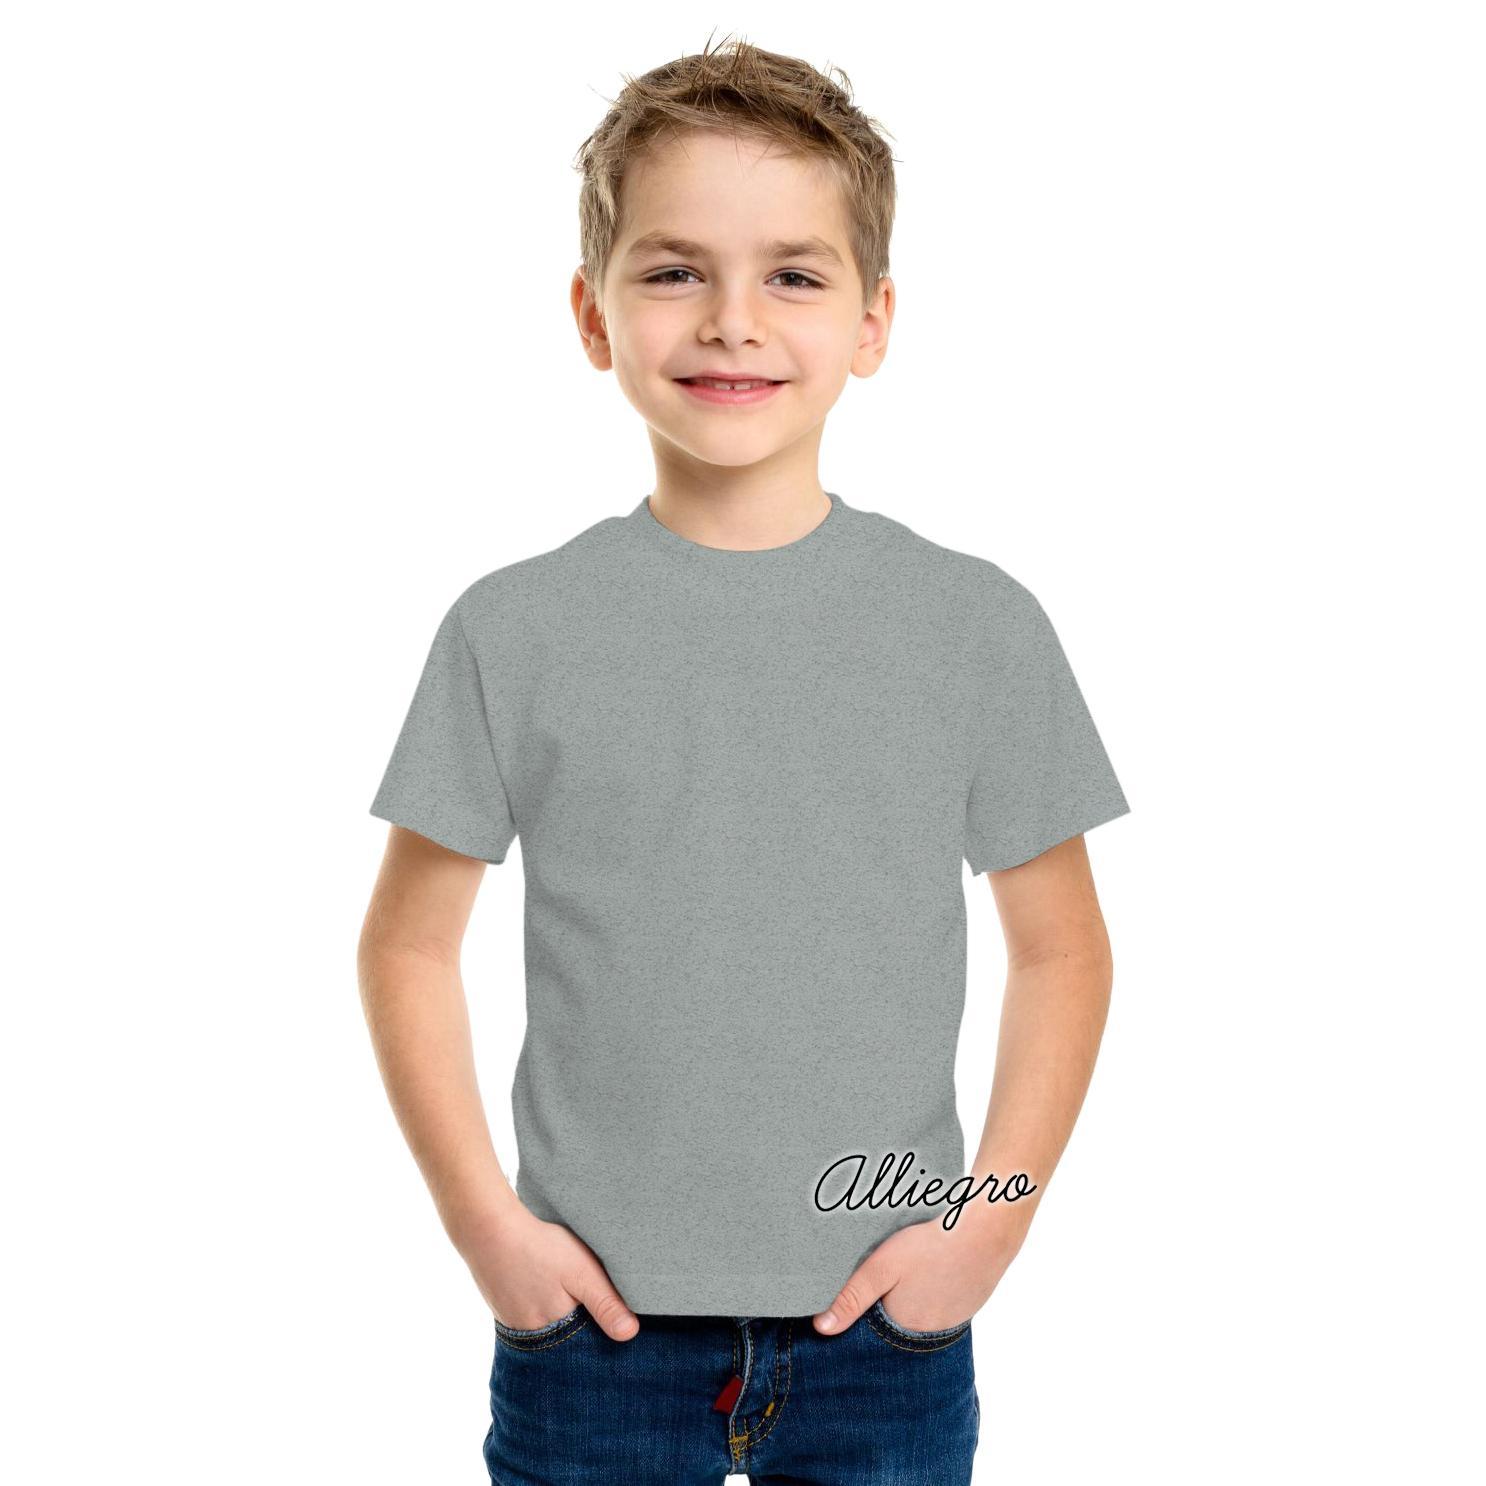 Jual Setelan Anak Pria Baju Korea Kecil Cowok Branded Collection Kaos Polo Alliegro Polos Laki Cotton Distro Premium Abu Muda